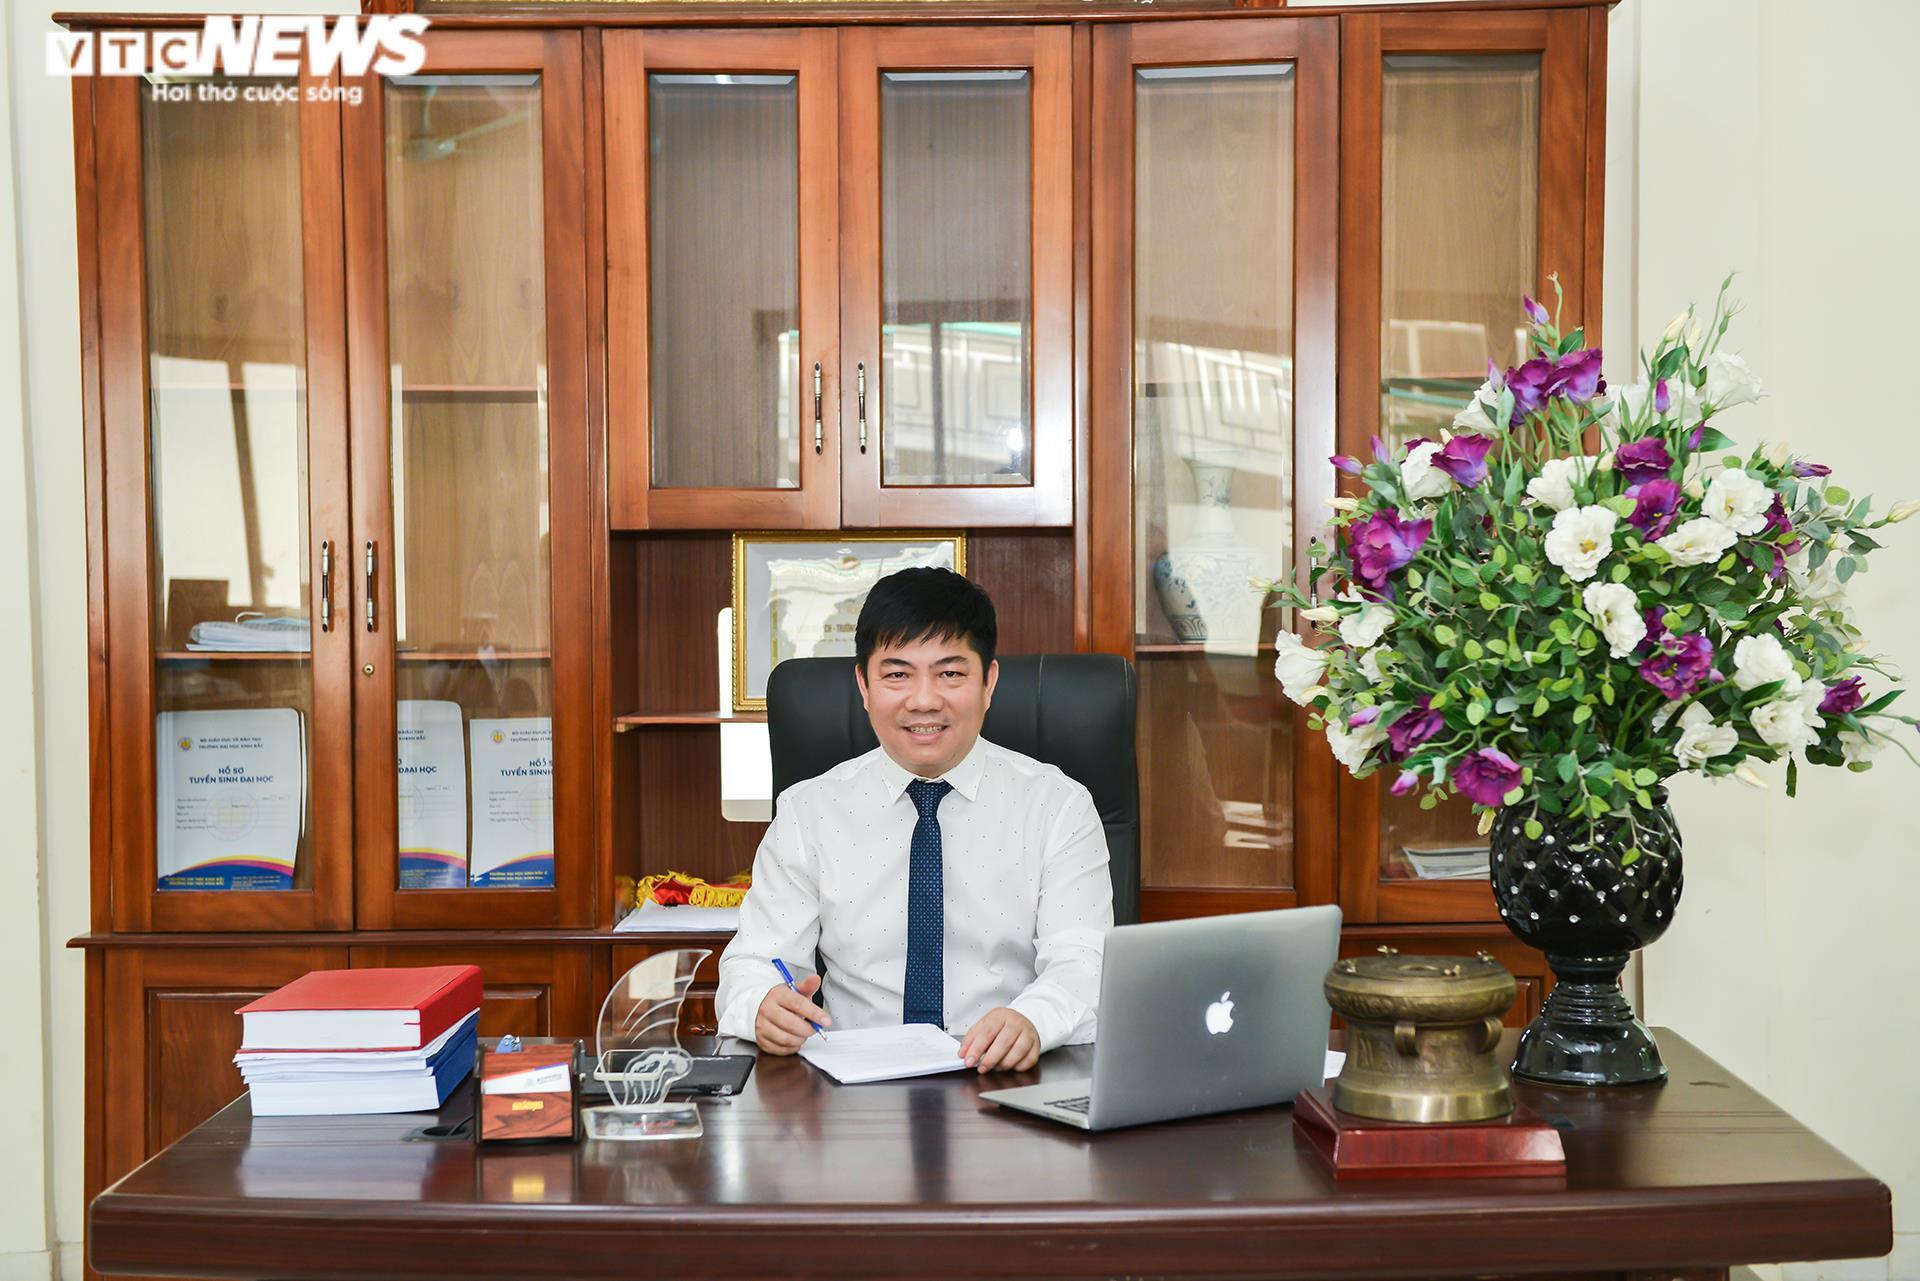 Ngôi trường cho sinh viên 'chọn việc để làm' ở Kinh Bắc - 2